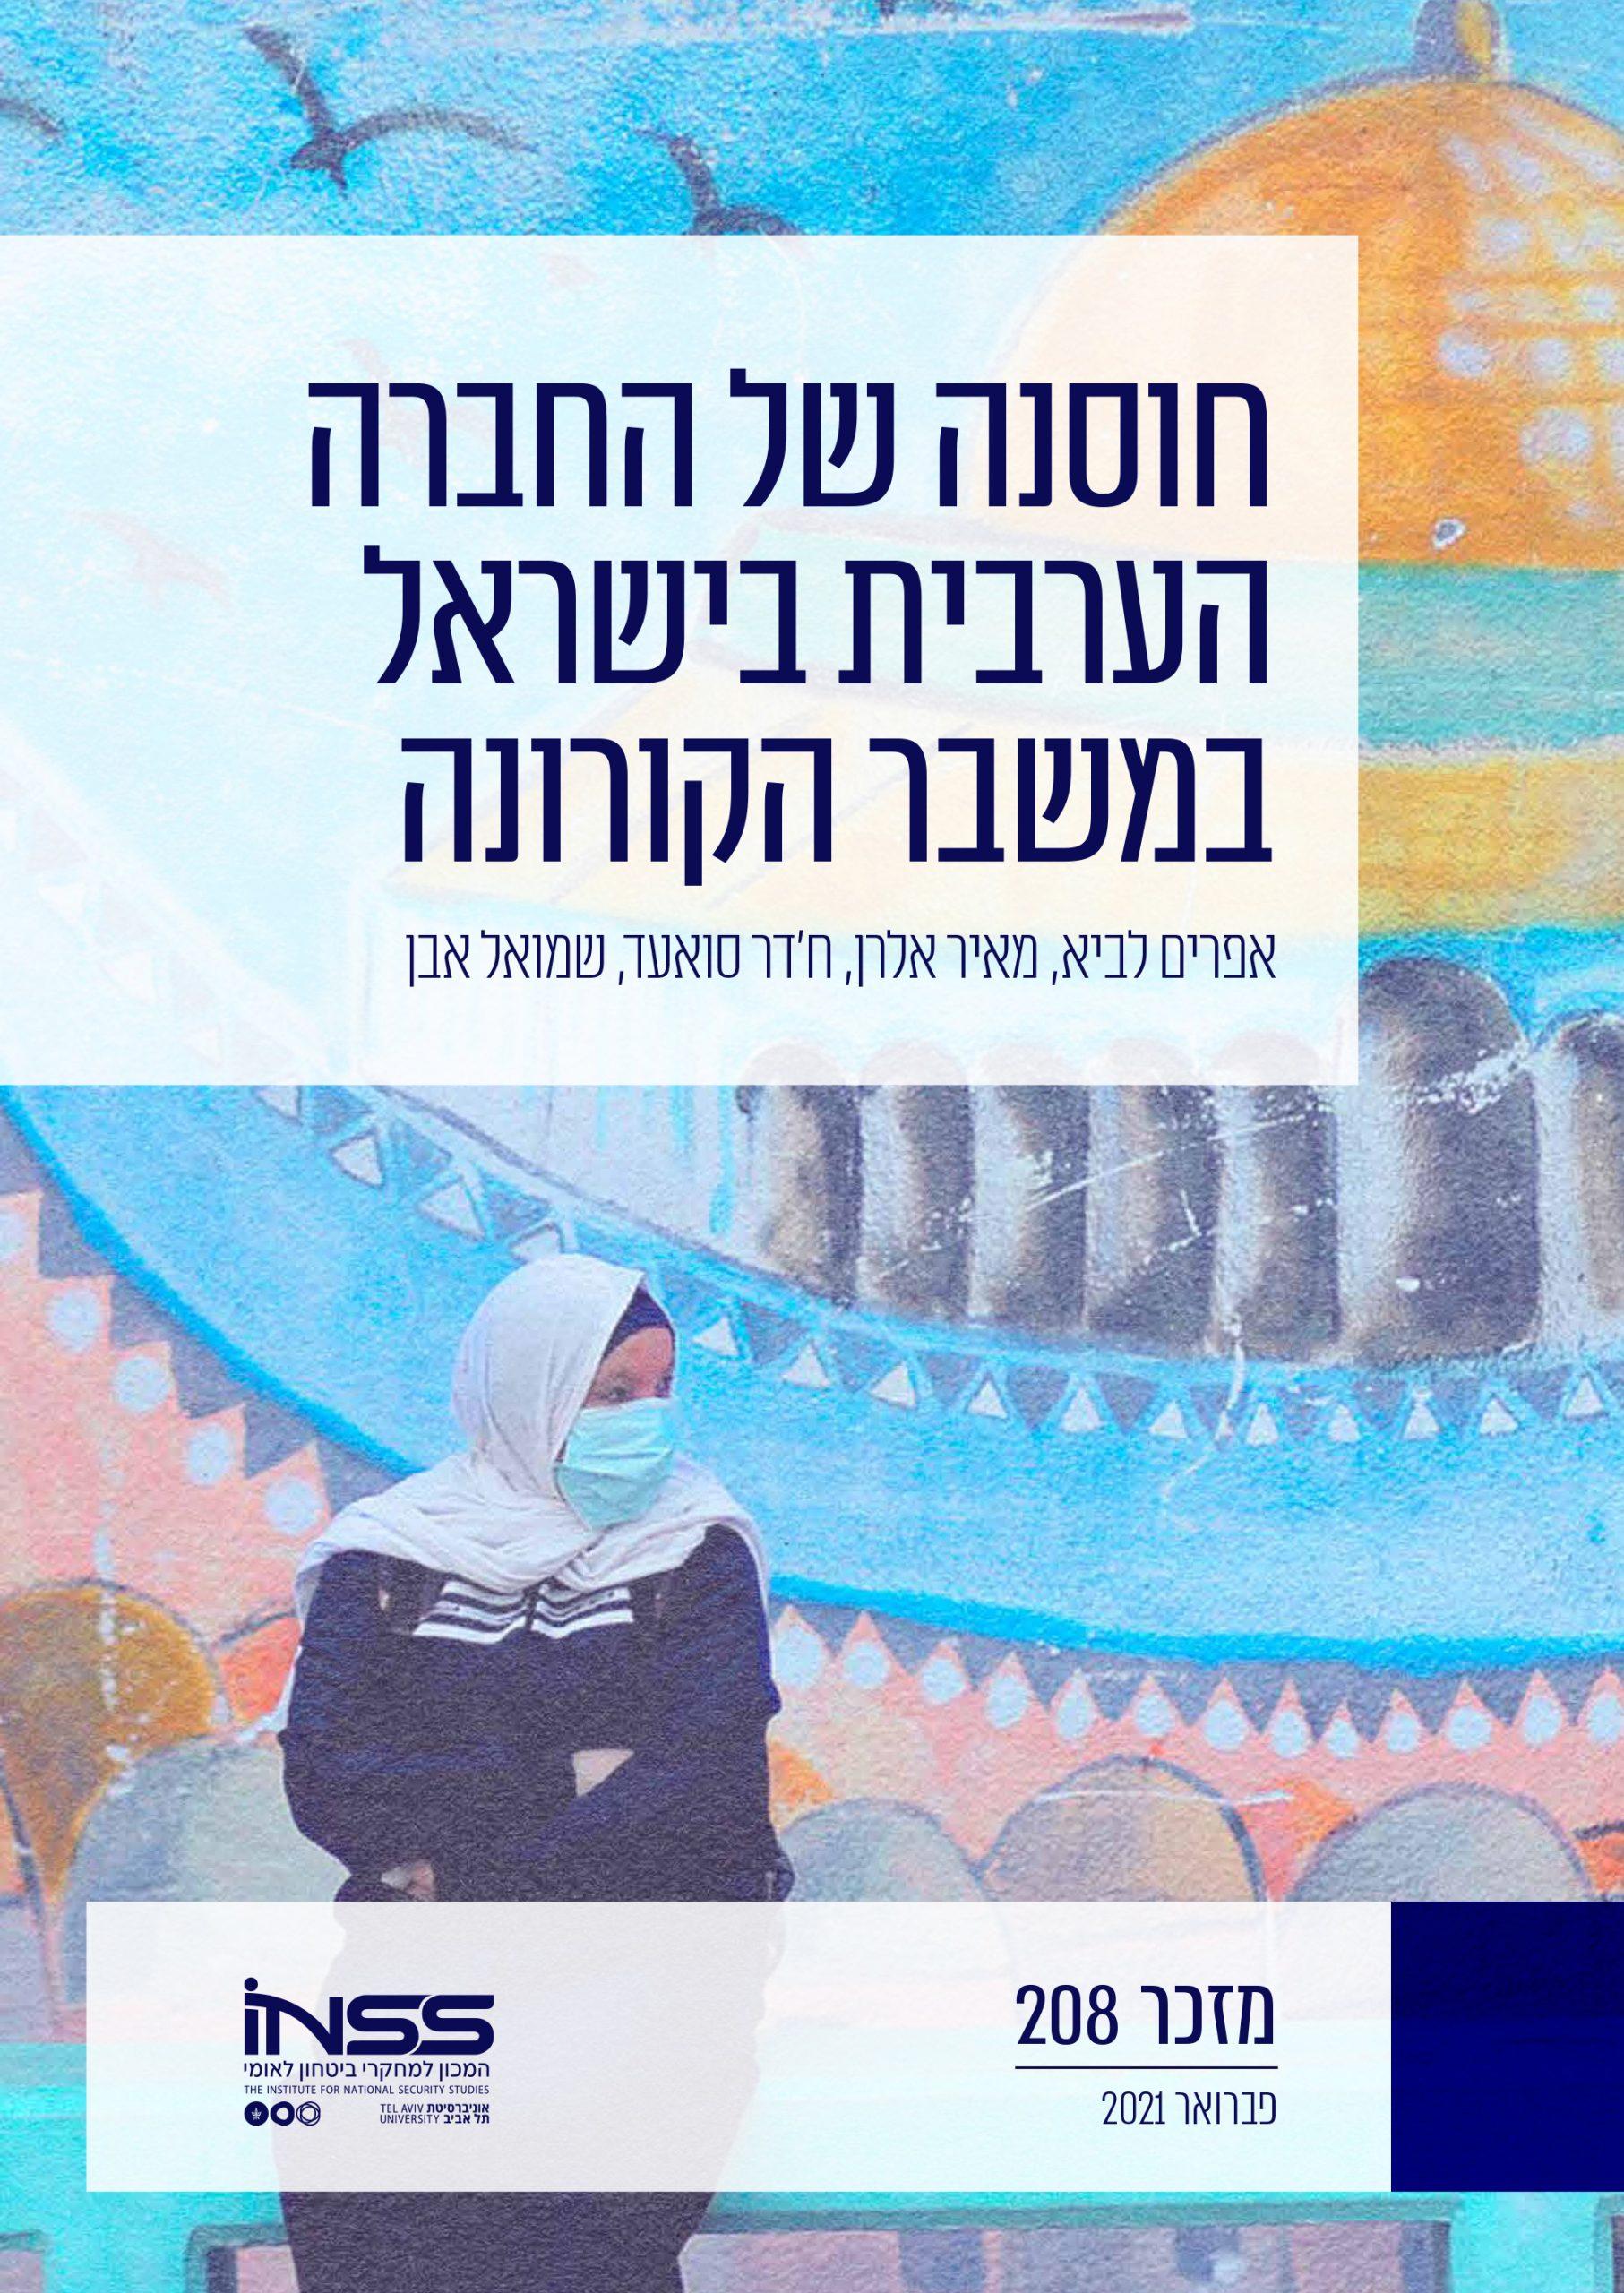 מזכר 208 - חוסנה של החברה הערבית בישראל במשבר הקורונה-1